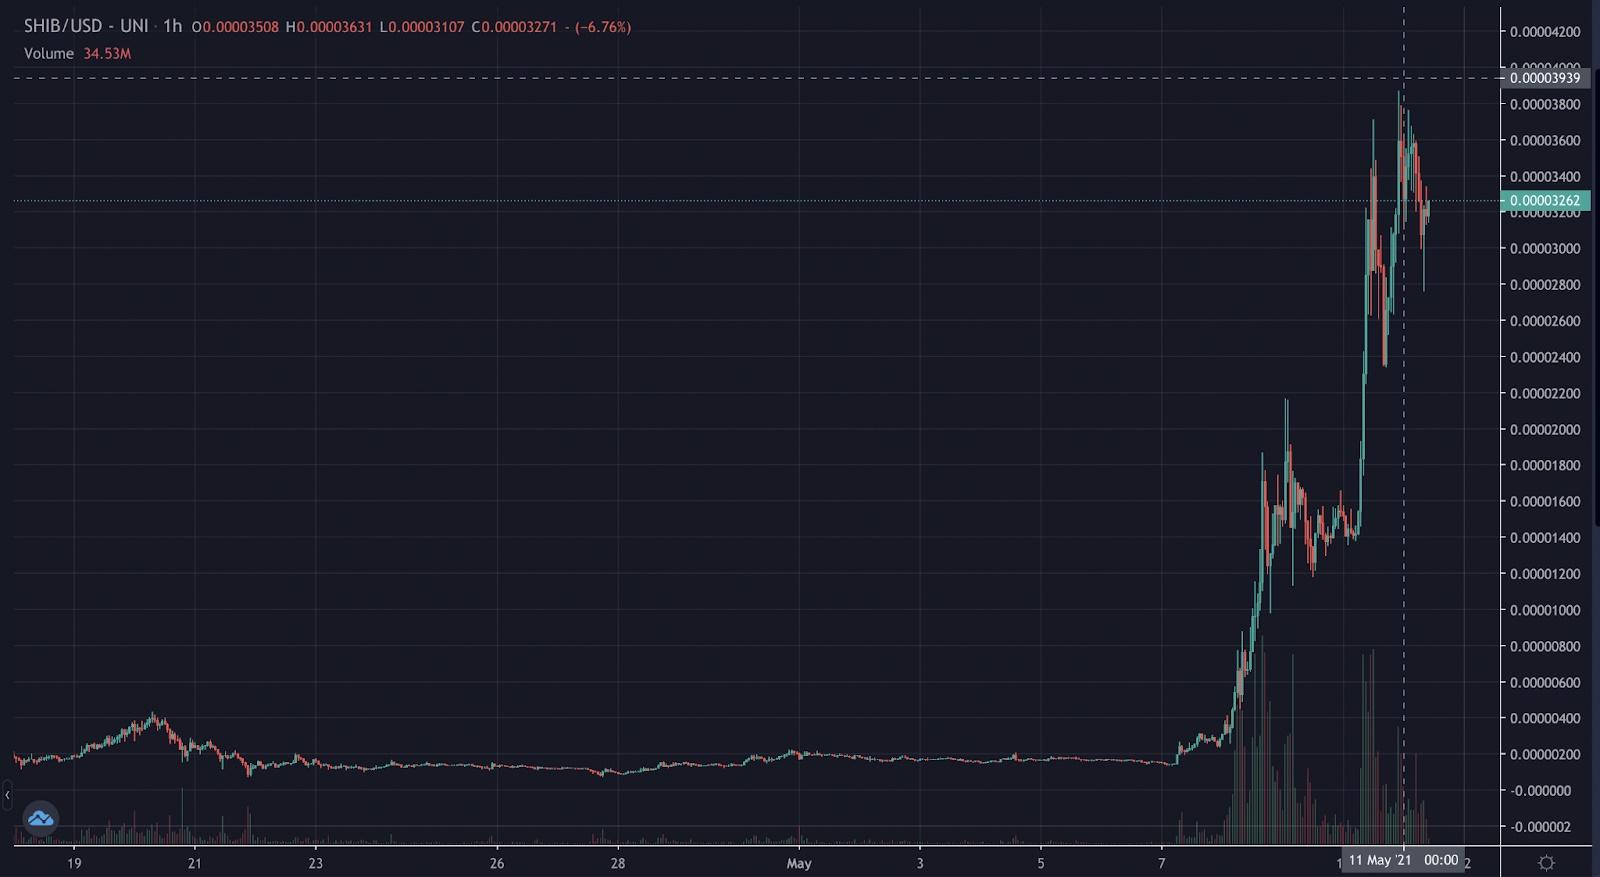 نمودار شیبا - سرمایه گذاری که 17 دلار شیبا خریده بود اکنون 5.9 میلیون دلار ثروت دارد!